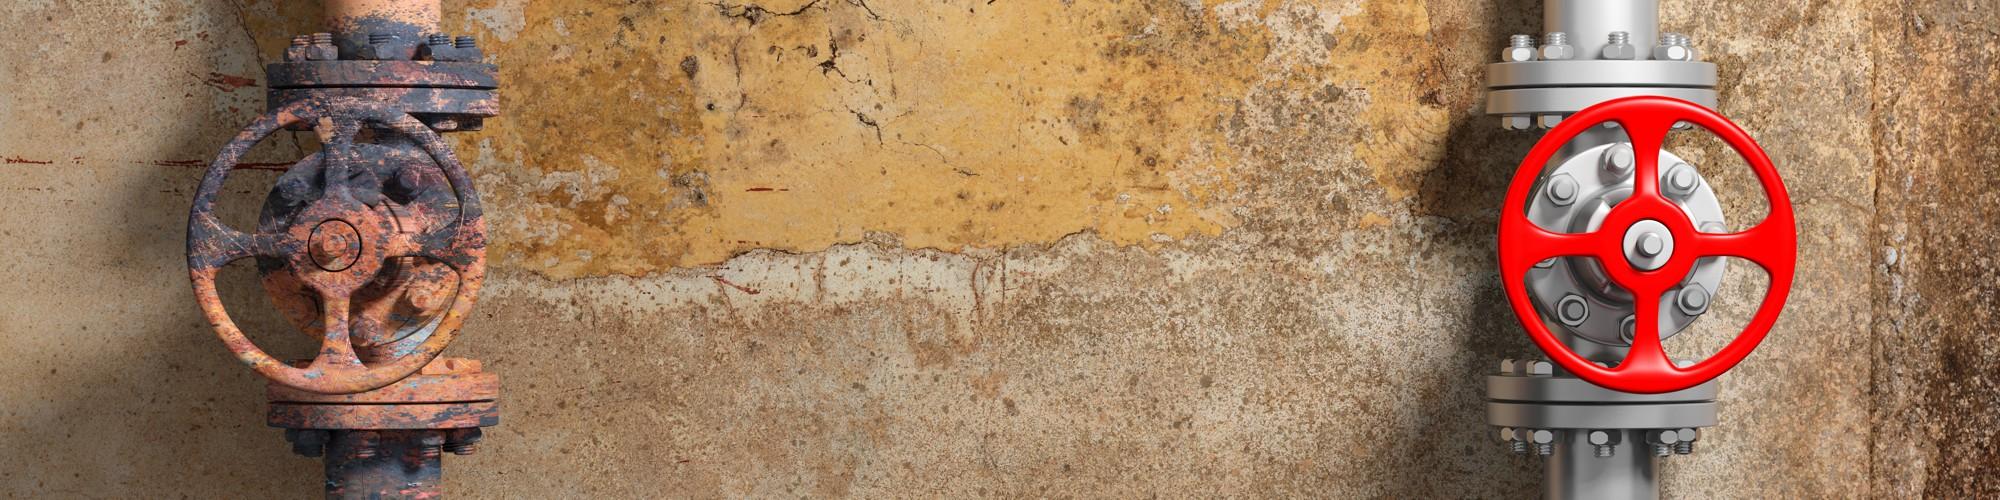 Bild: Alter, verrosteter und neuer Wasserschieber an fleckiger Wand